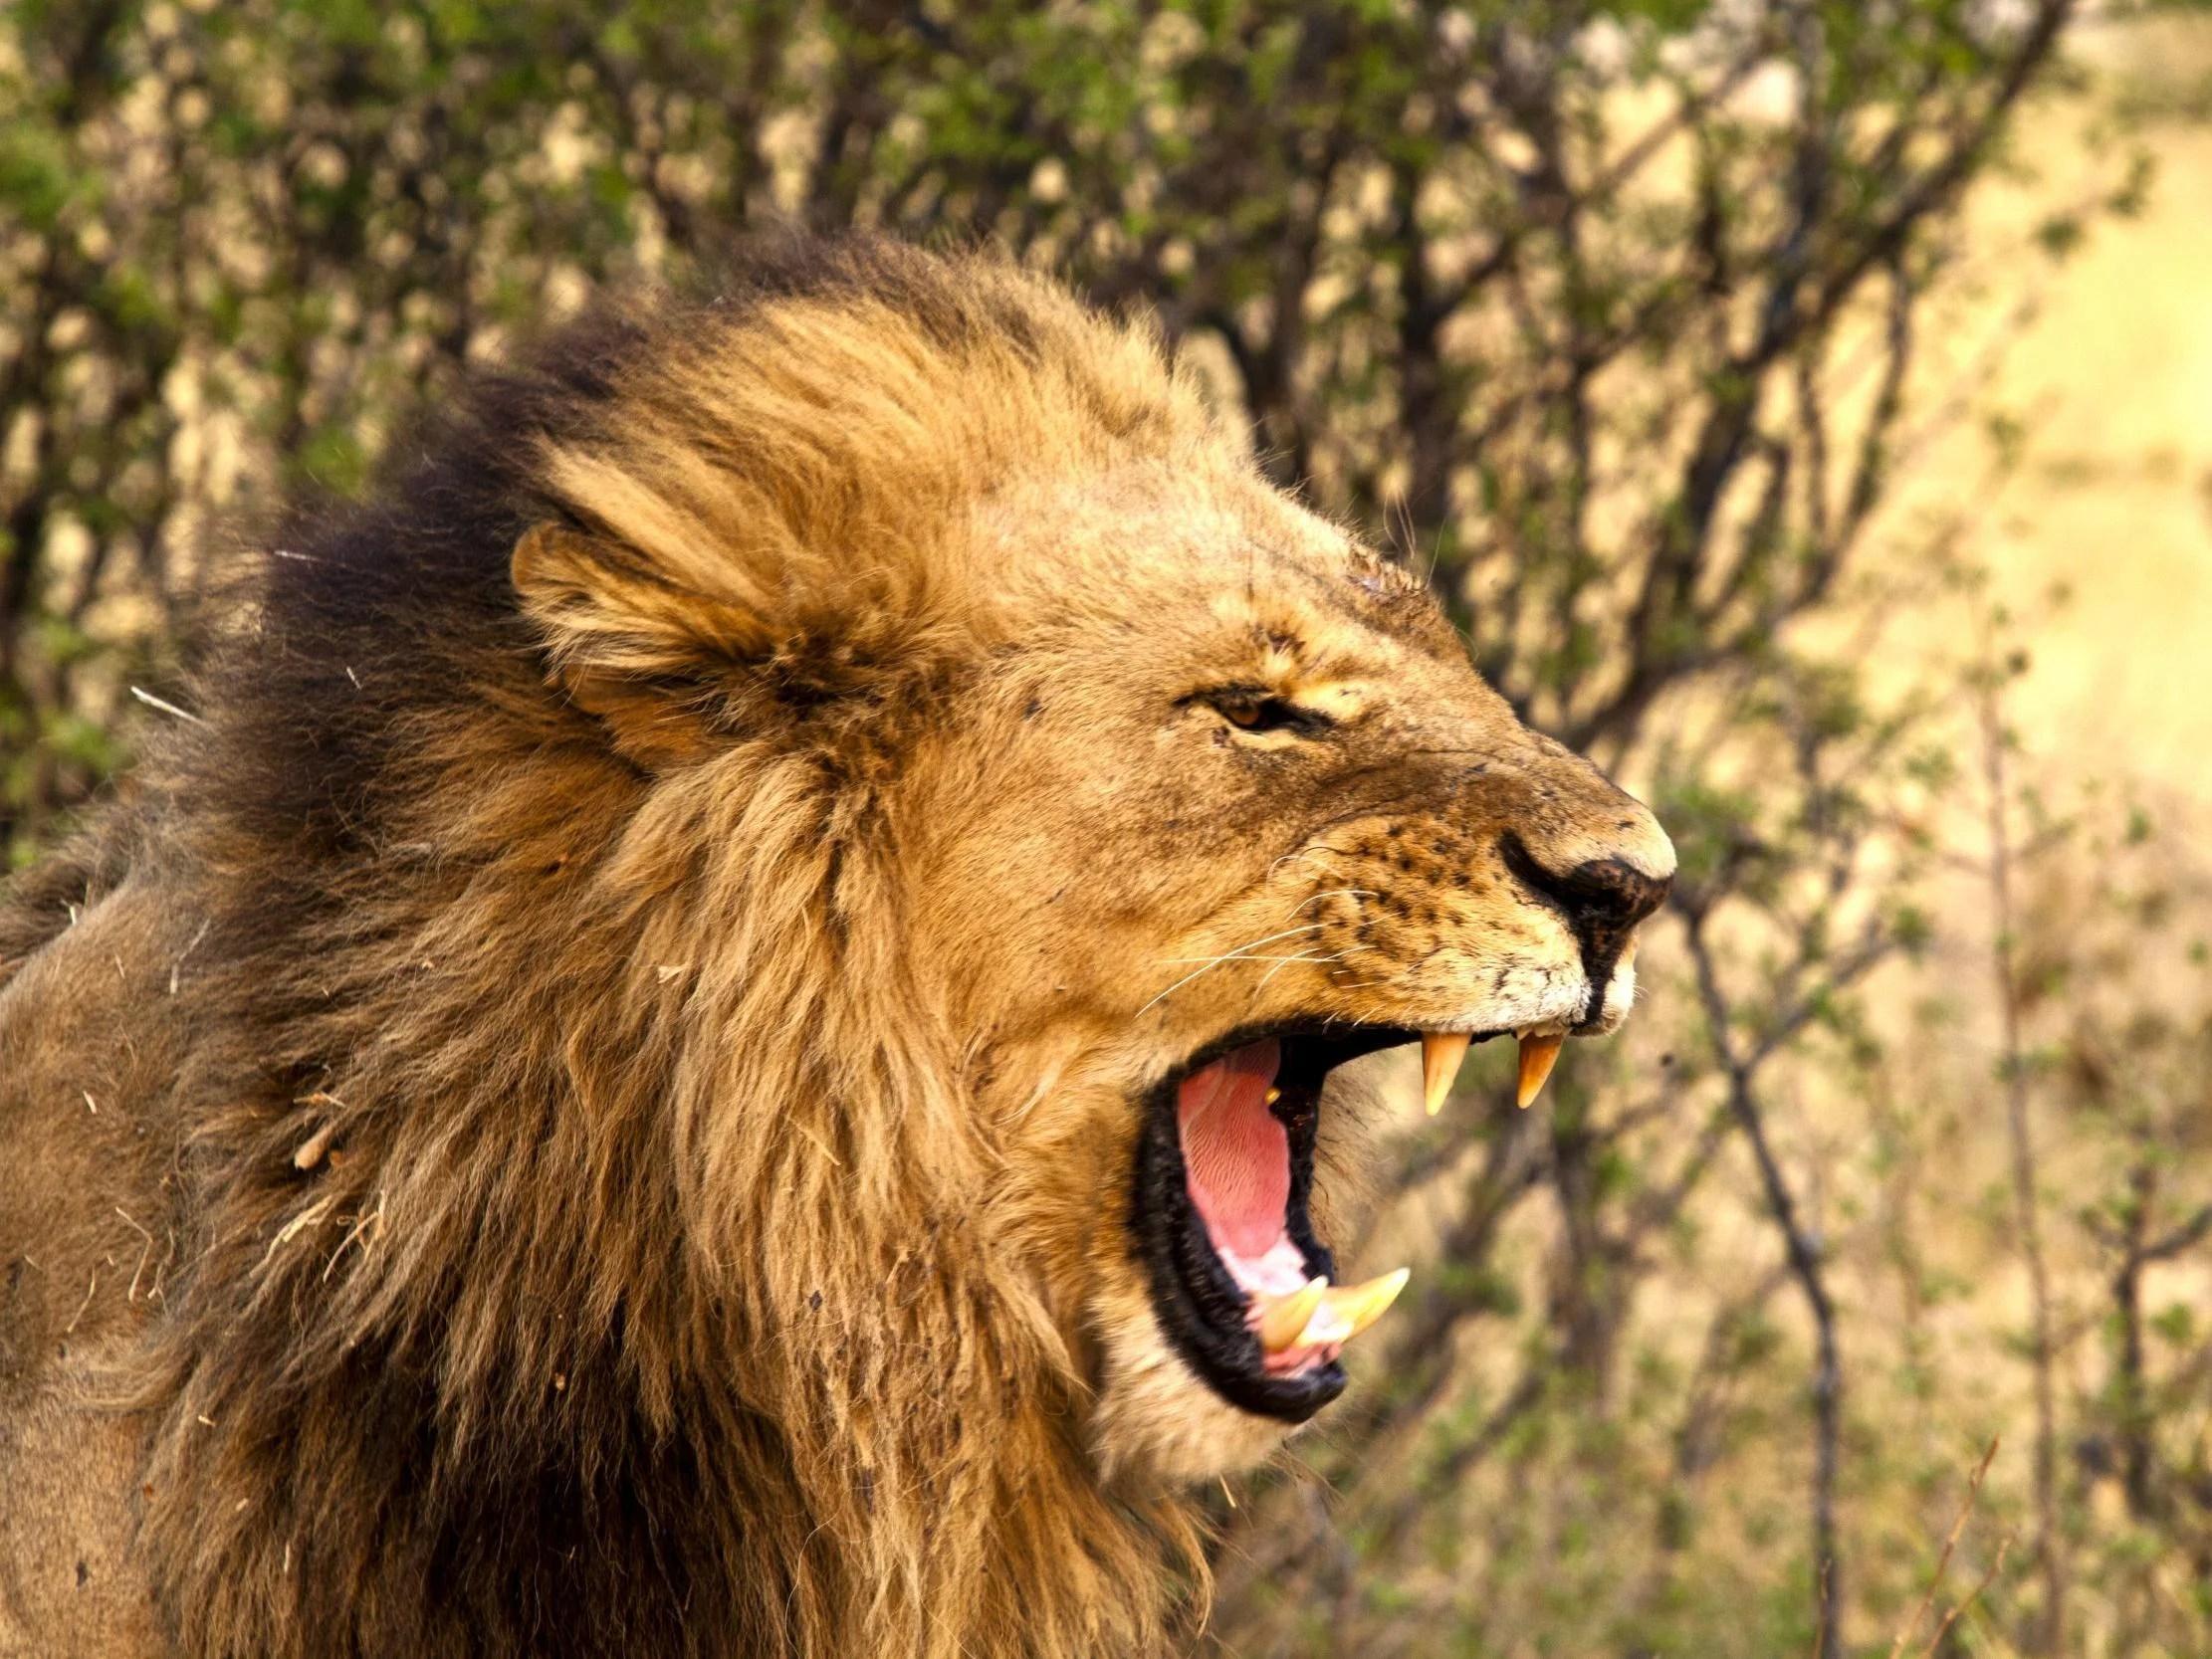 man eaten by lion - HD2222×1667